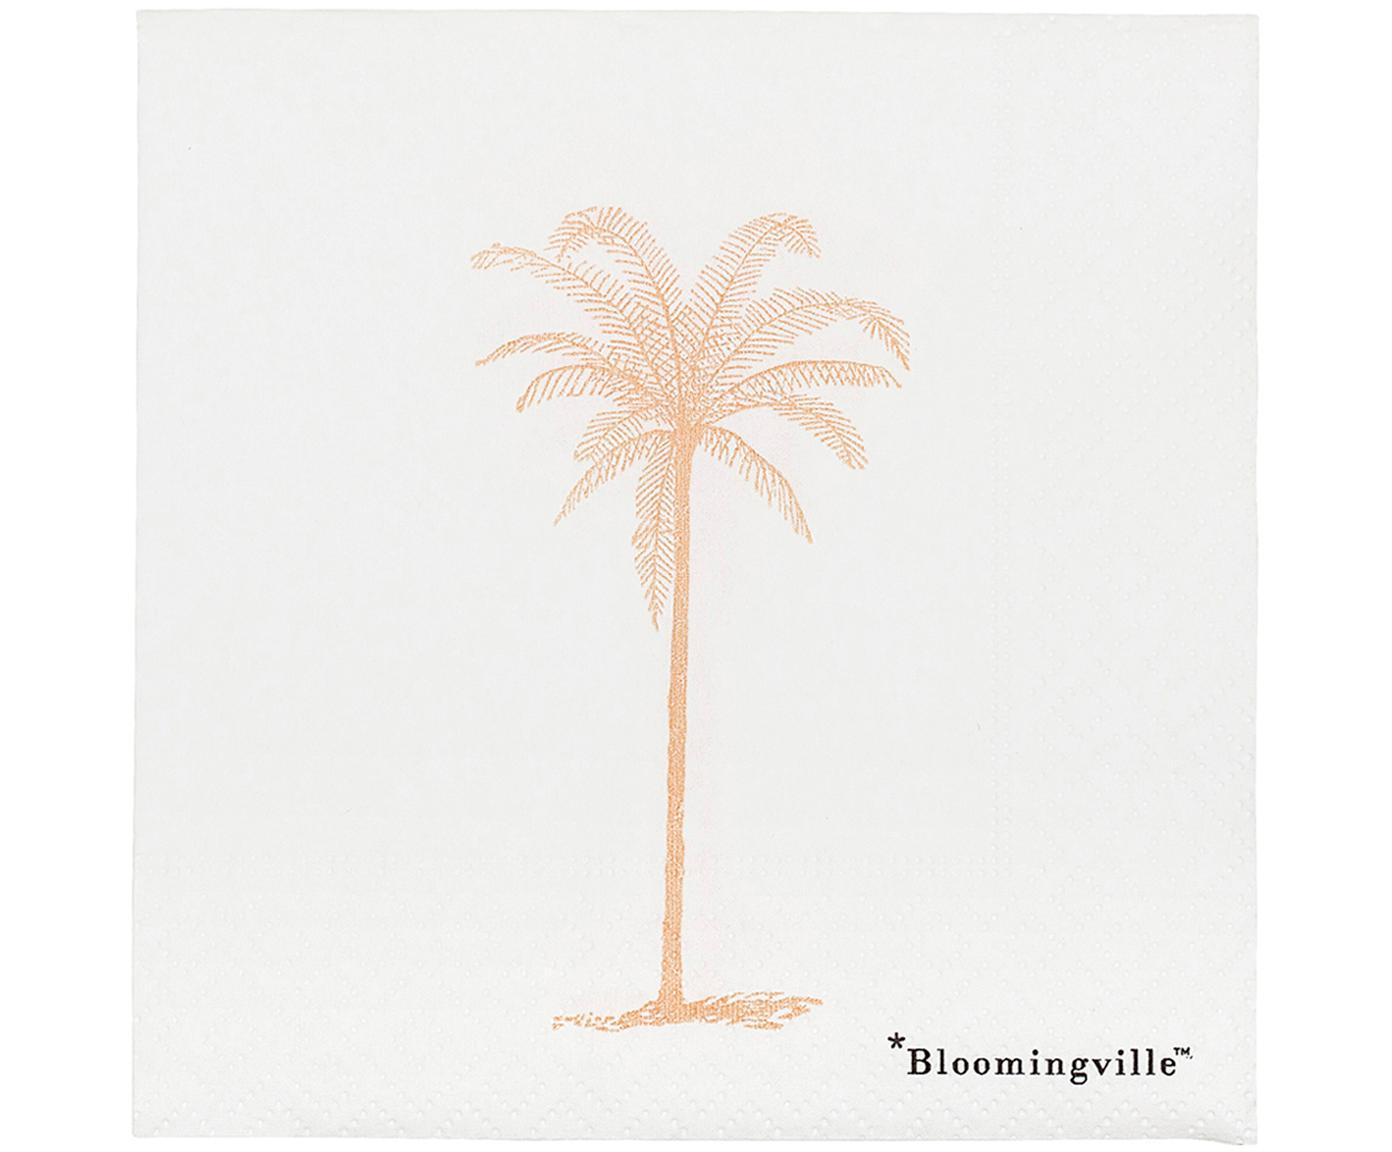 Papier-Servietten Palm, 20 Stück, Papier, Weiß, Goldfarben, 25 x 25 cm